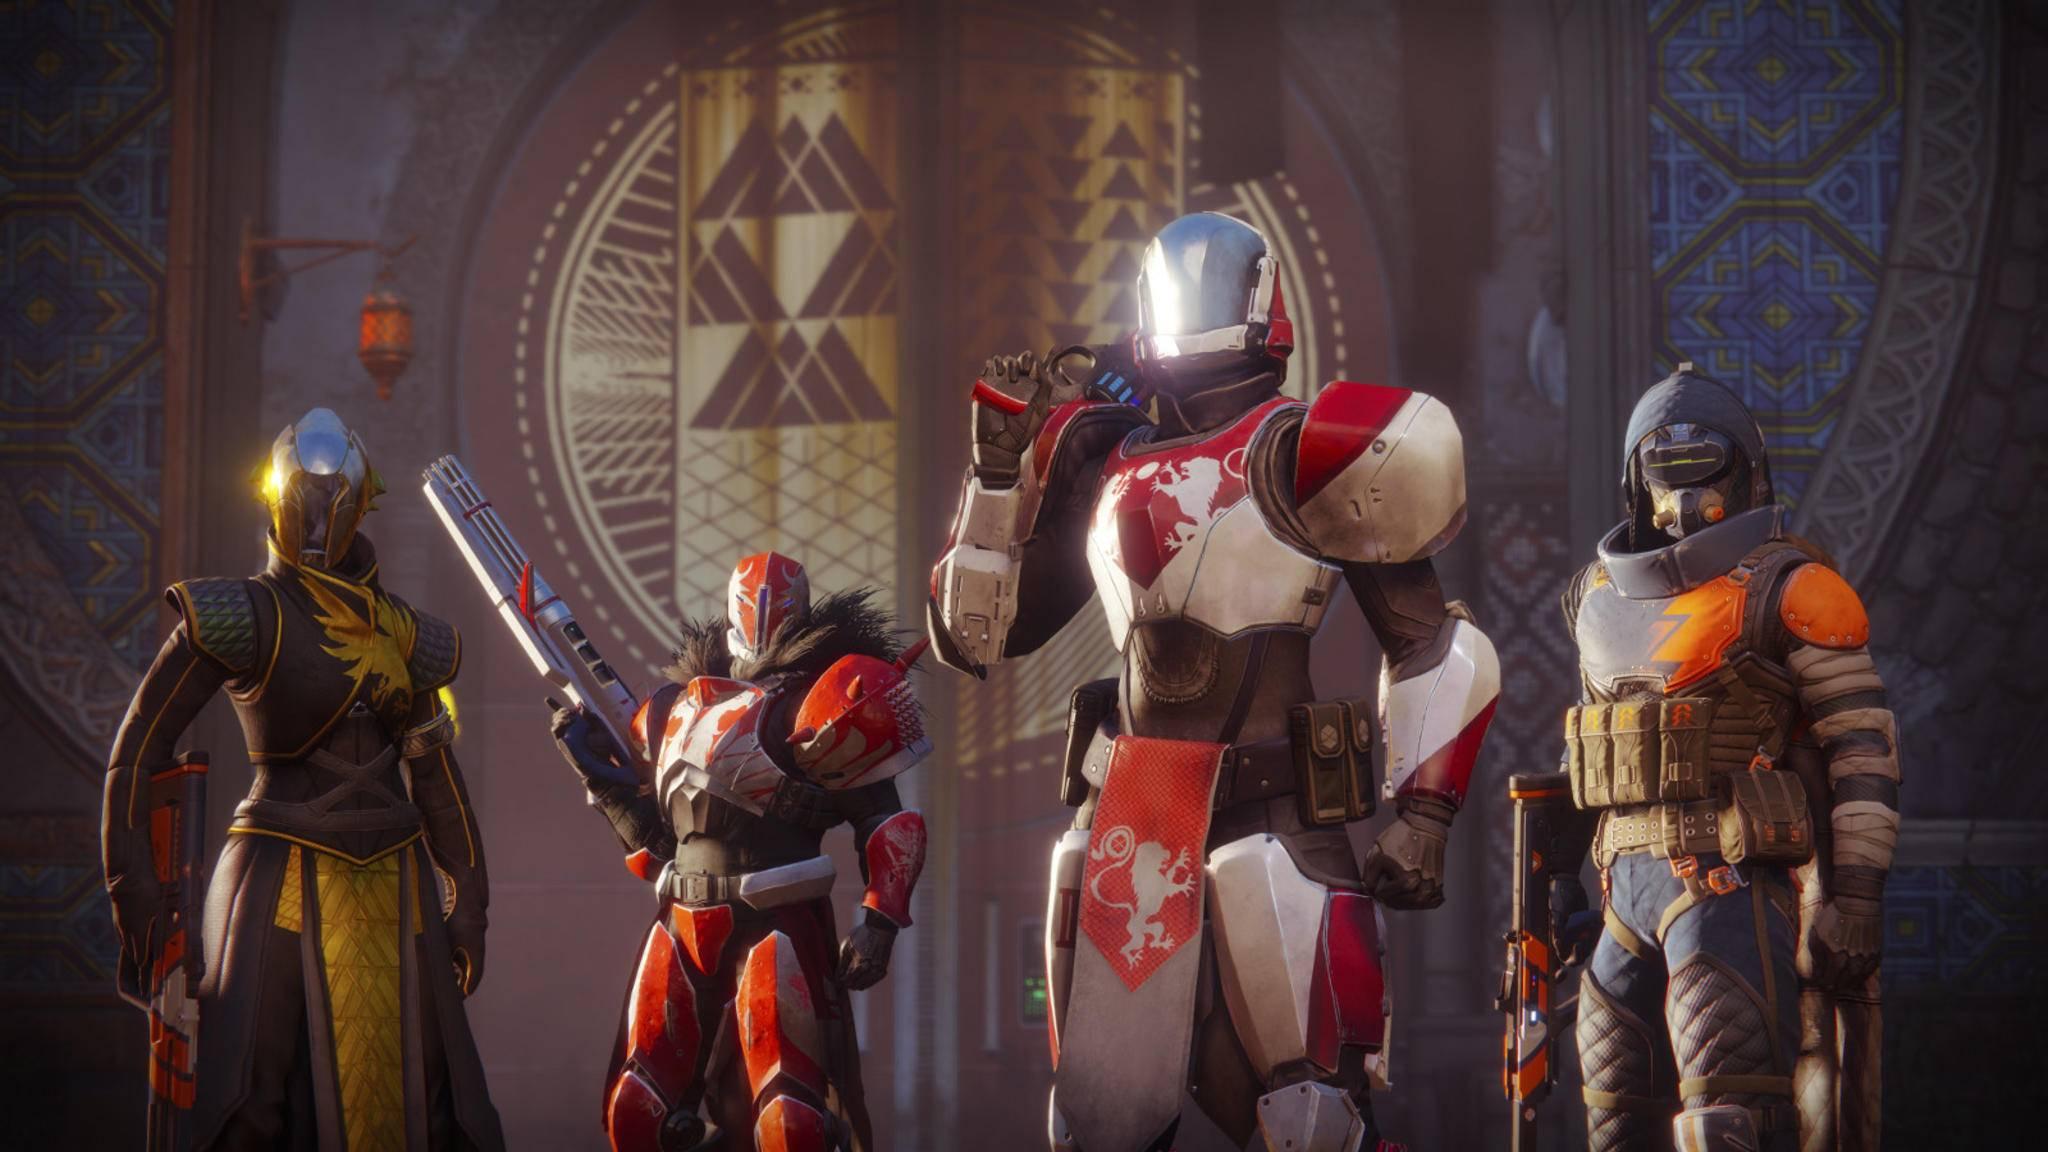 """Einsam in """"Destiny 2""""? Mit dem neuen Matchmaking-Feature muss das nicht sein!"""